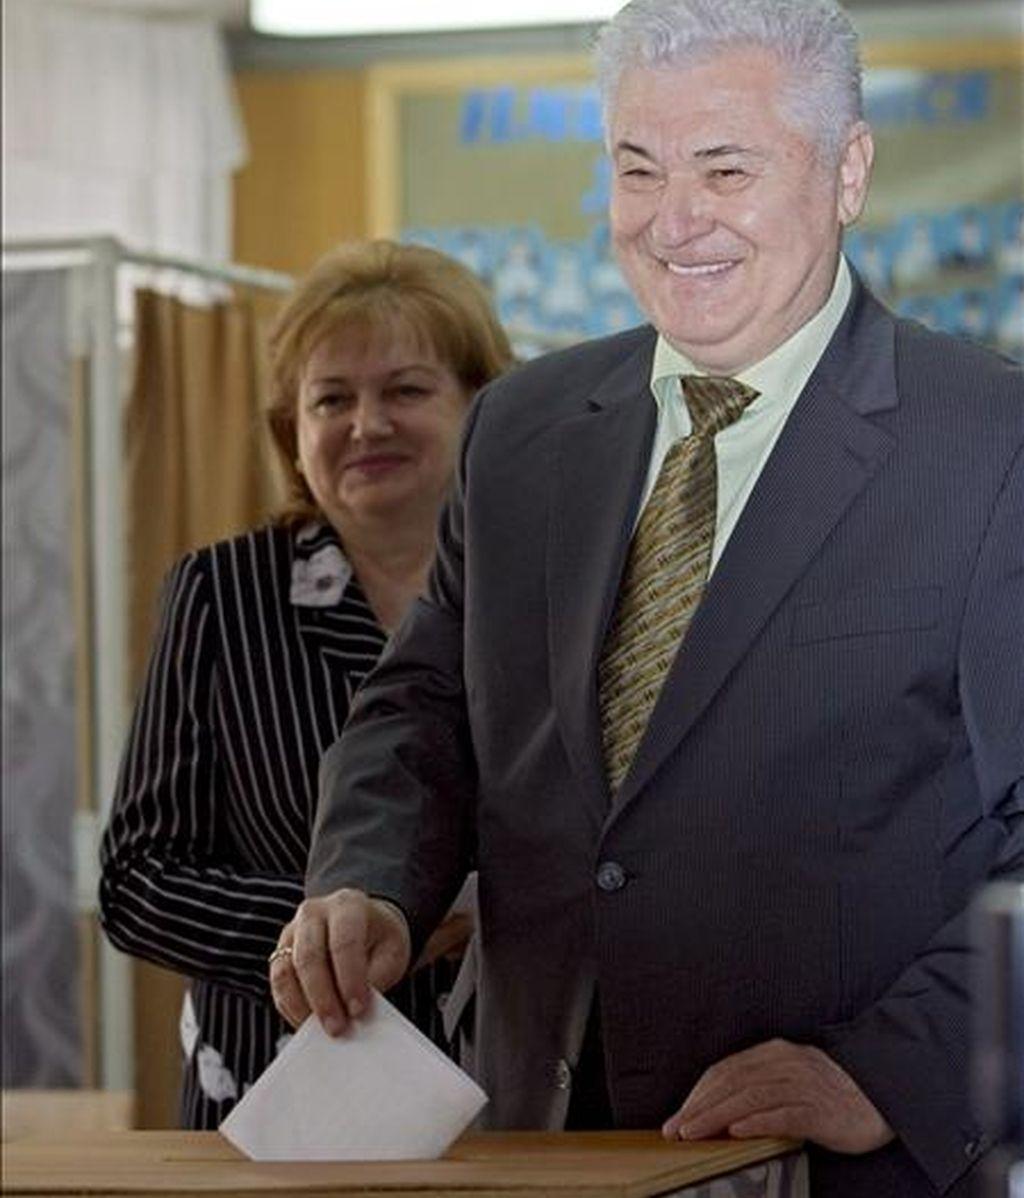 El presidente de Moldavia, Vladimir Voronin (d), y su esposa, Taisia Voronin, depositan su voto hoy en un colegio electoral para los comicios al Parlamento, en el Liceo Antioh Cantemir de Chisinau (Moldavia). EFE